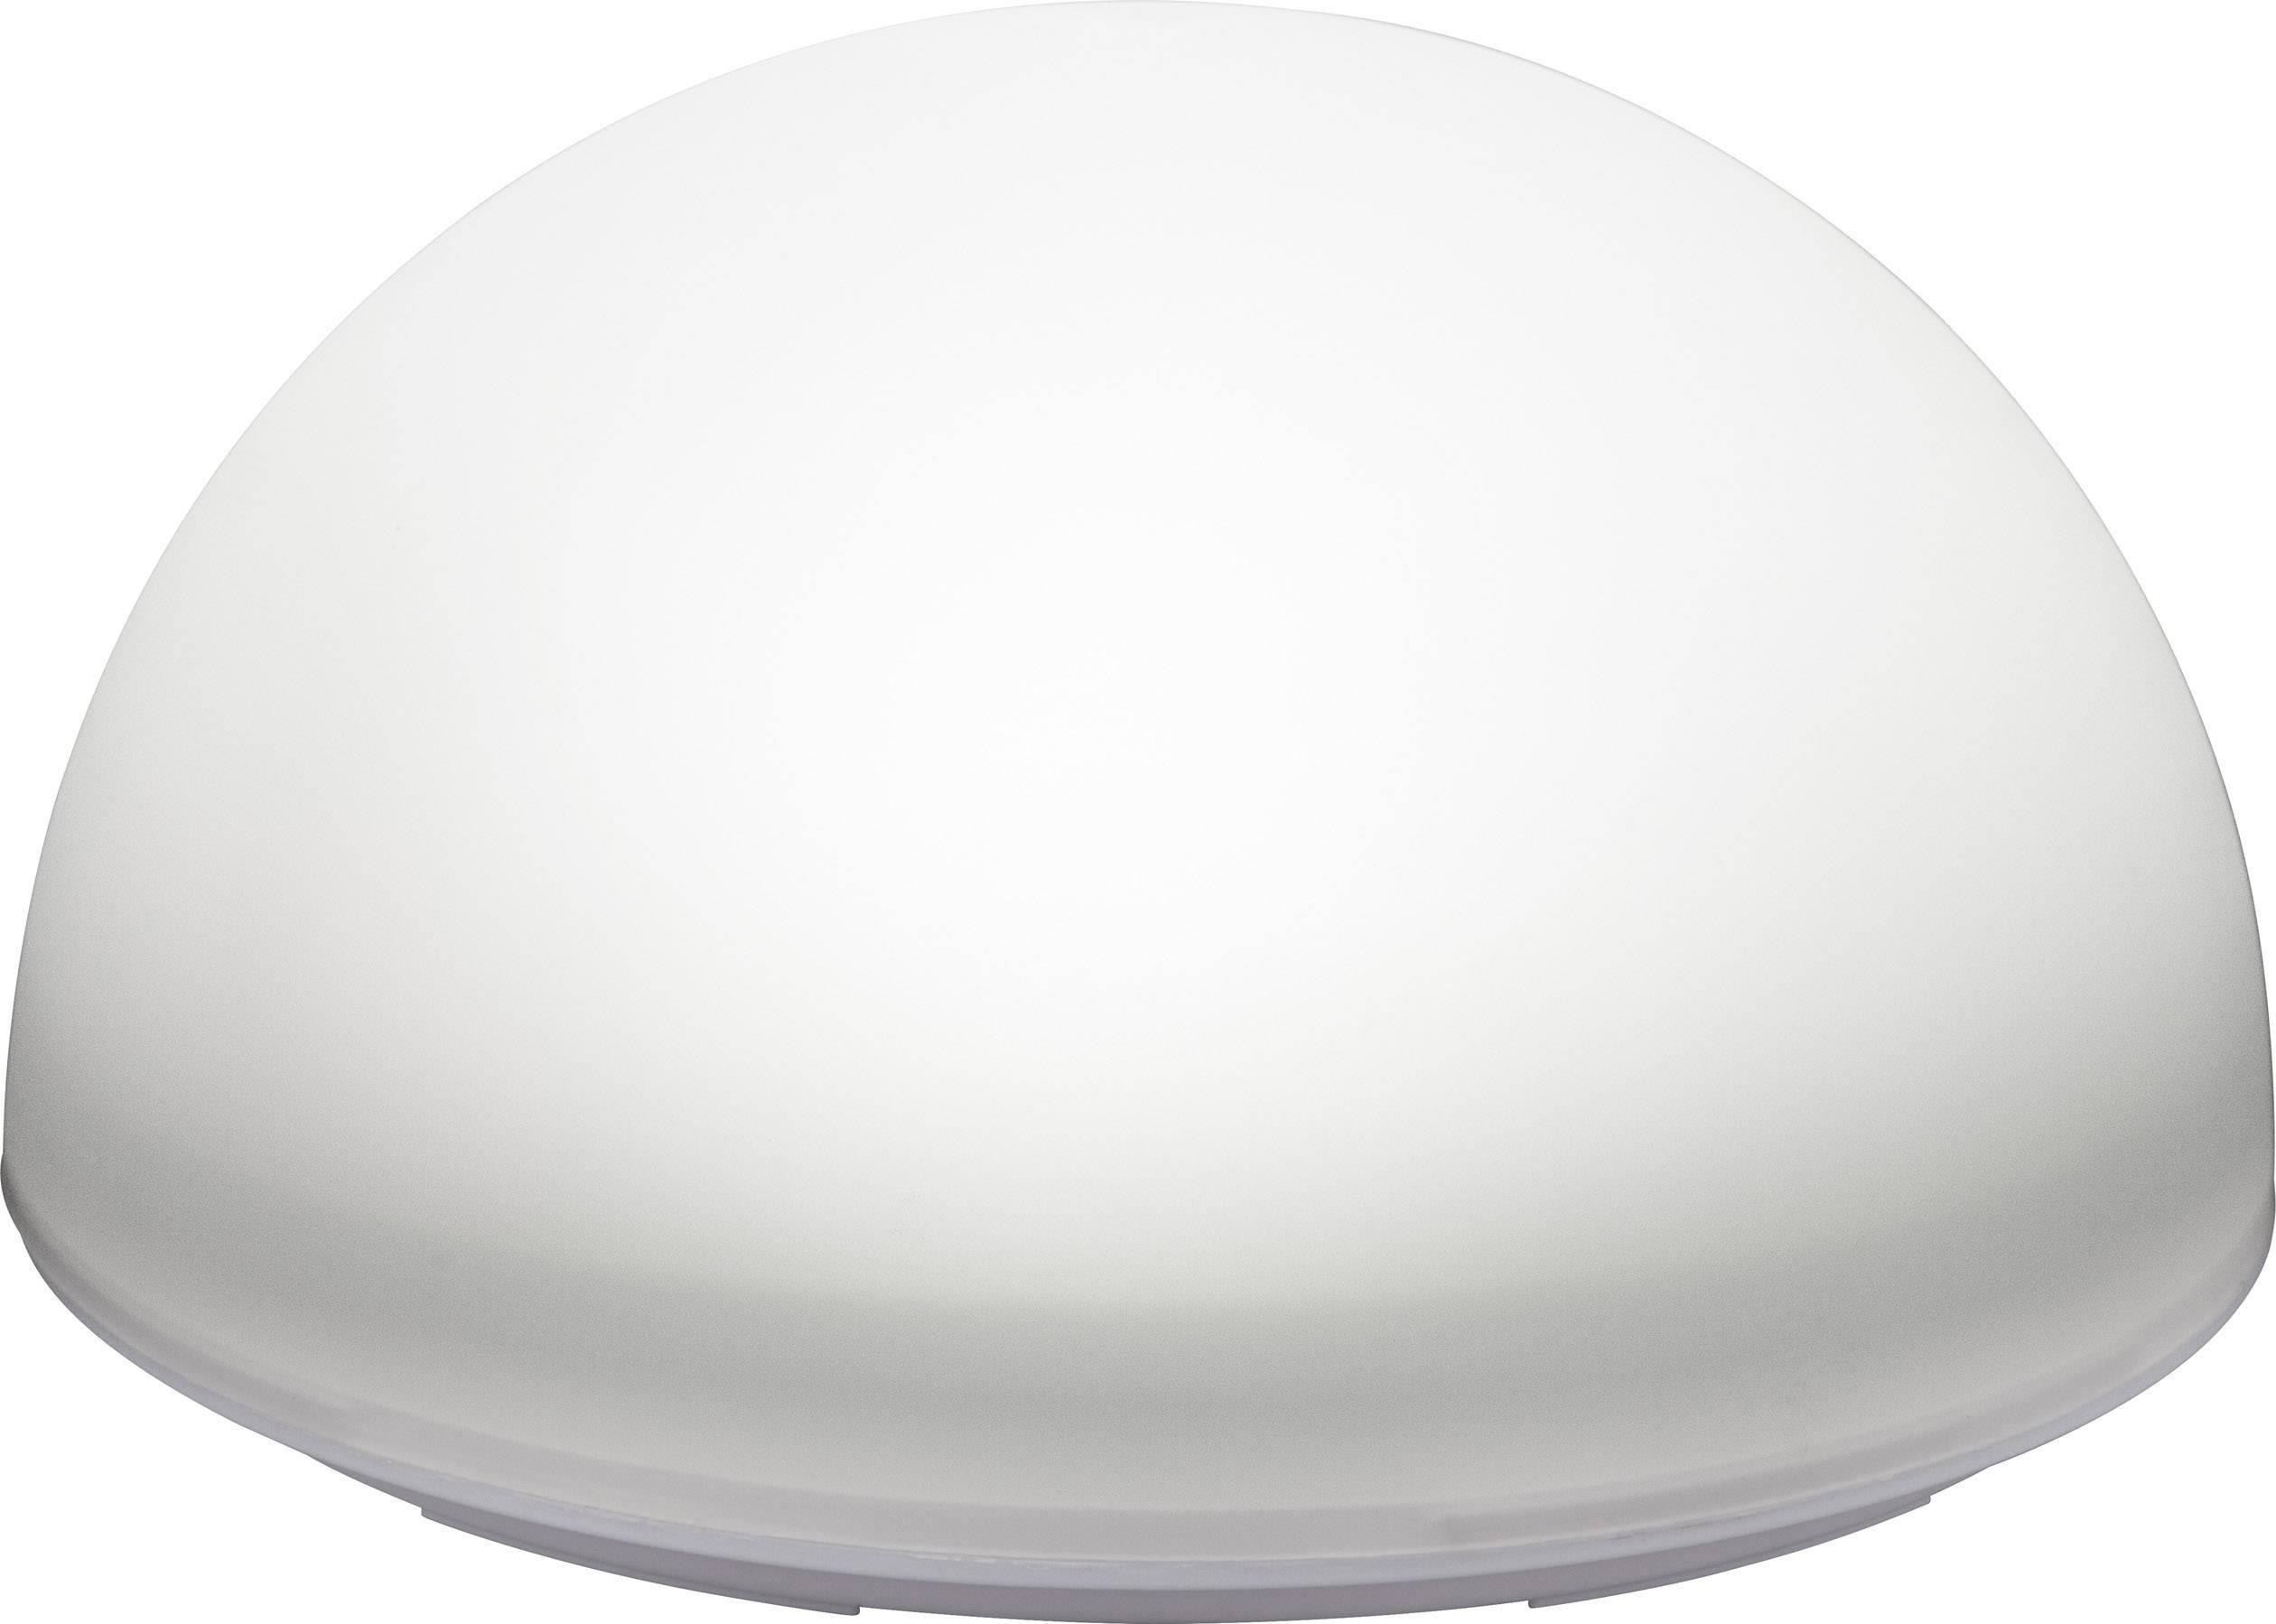 LED solárne dekoračné osvetlenie pologuľa Polarlite 0.5 W, IP55, biela, RGBW